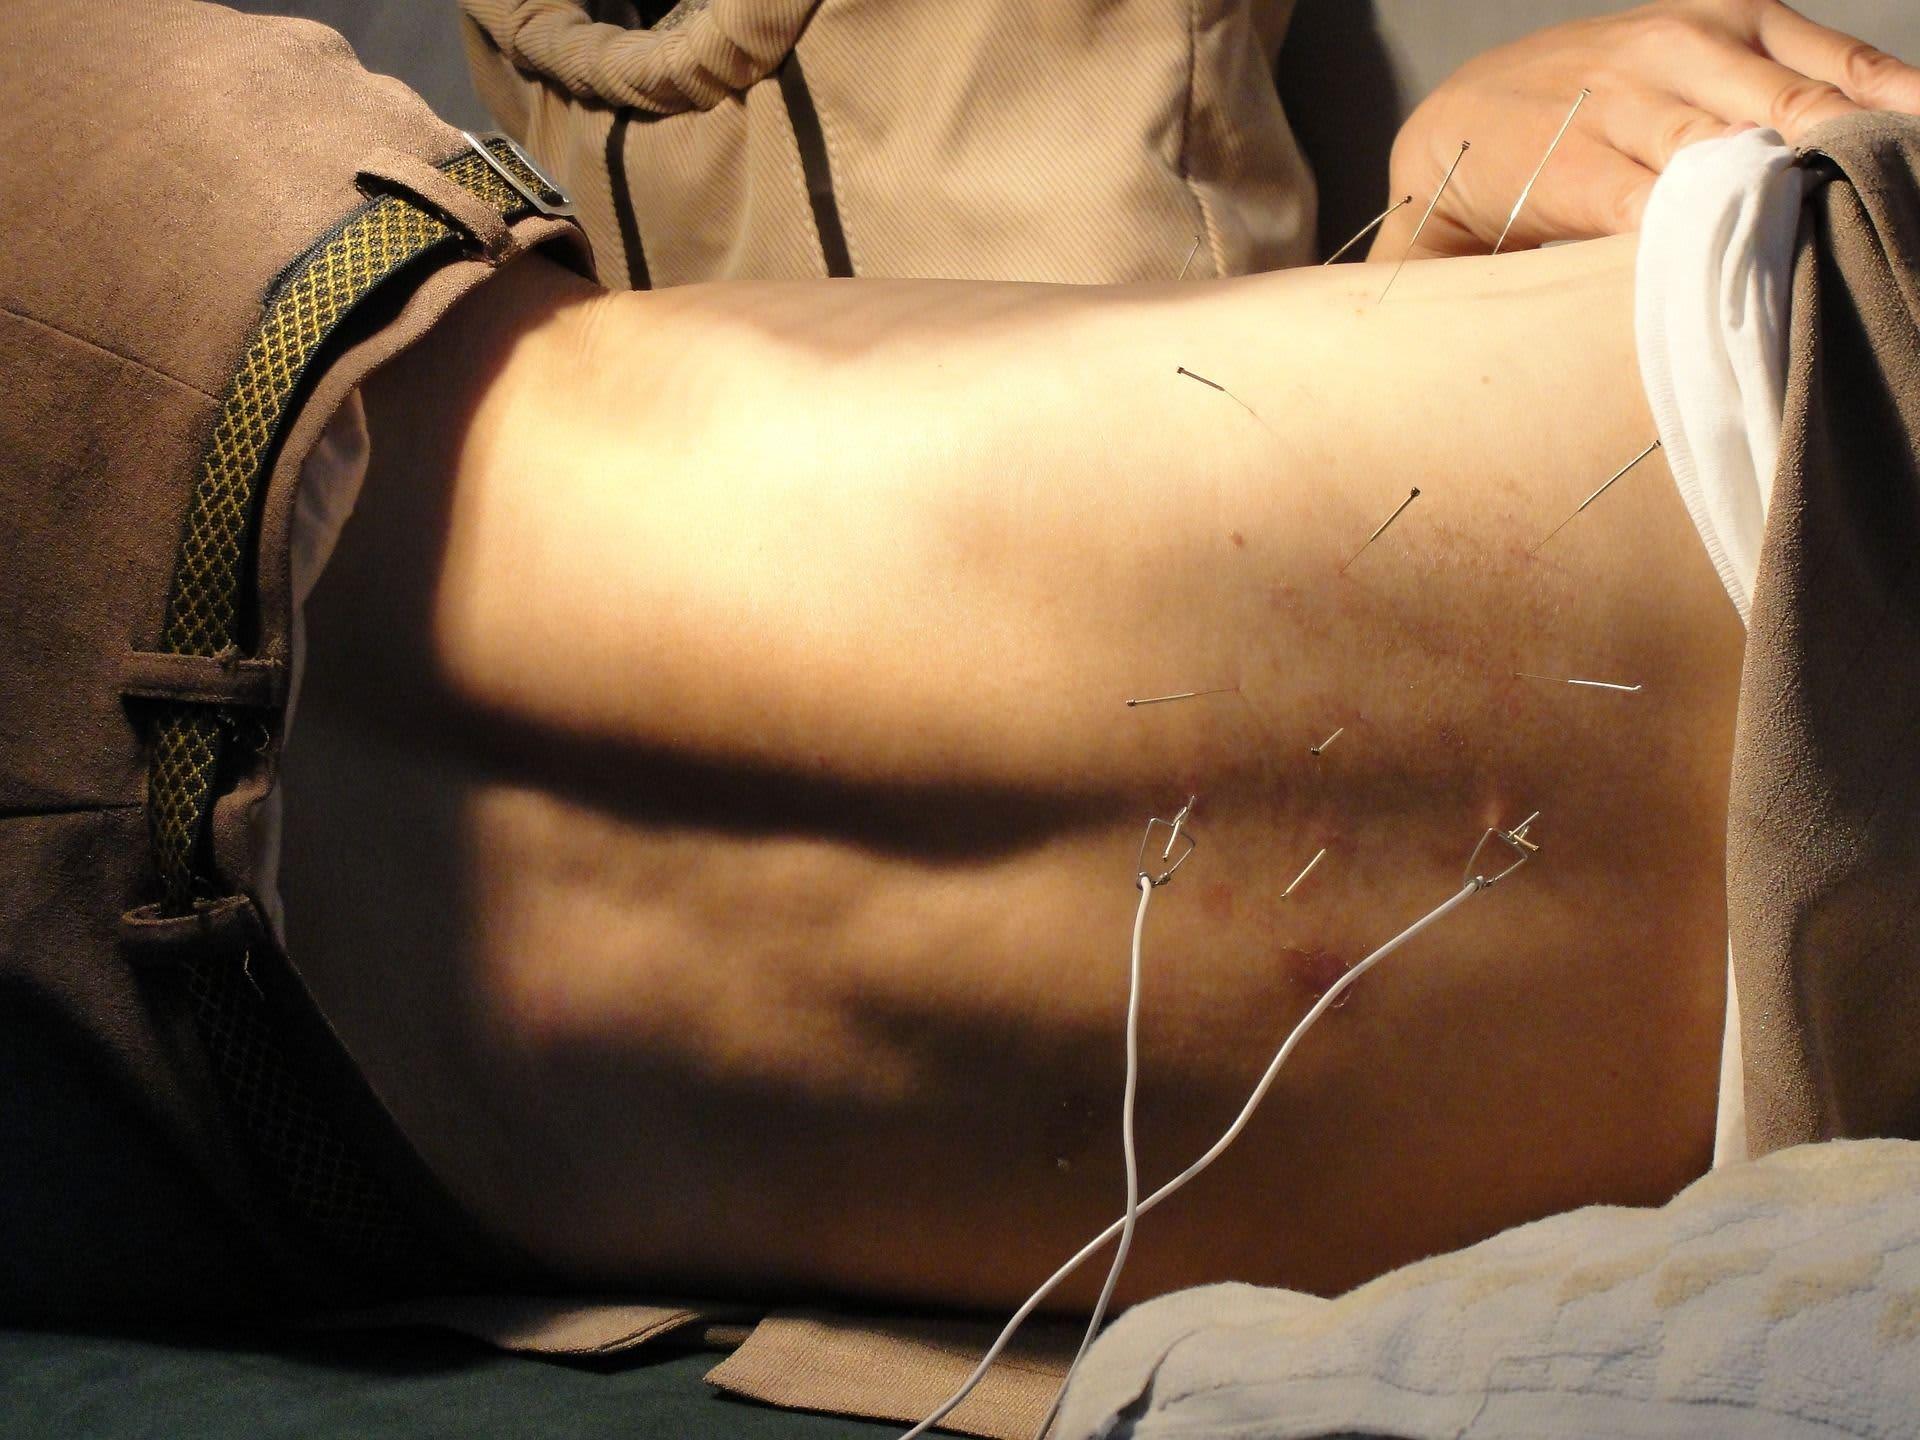 Beneficios de la acupuntura: ¿Quieres Saber Cuales Son?